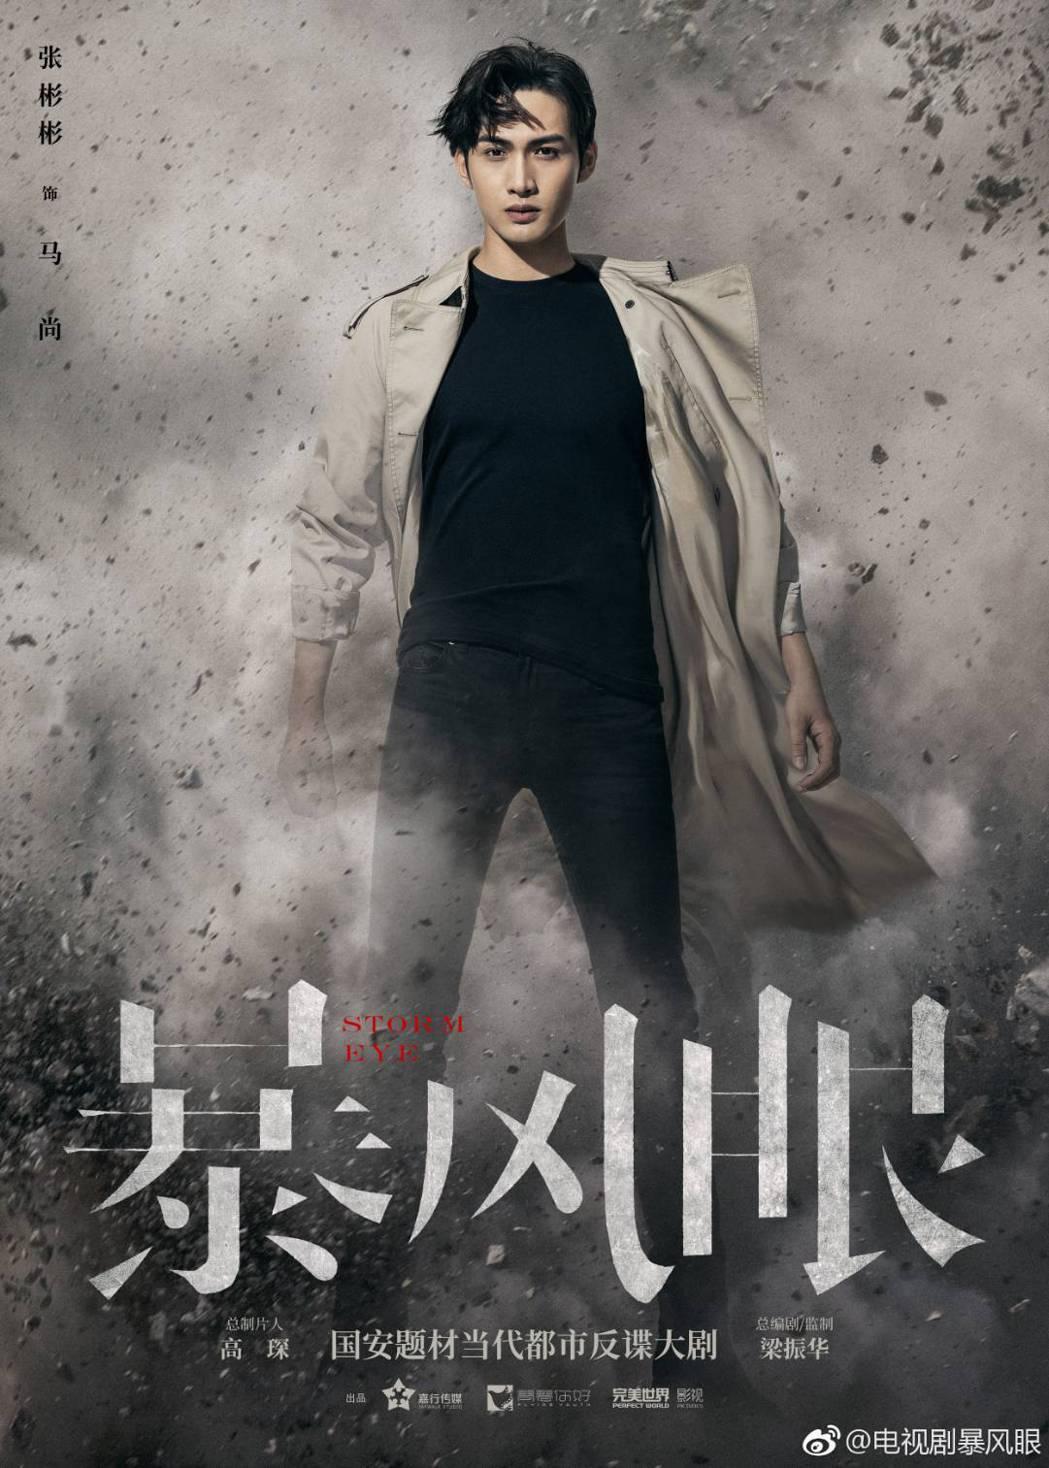 張彬彬演出「暴風眼」。圖/摘自微博